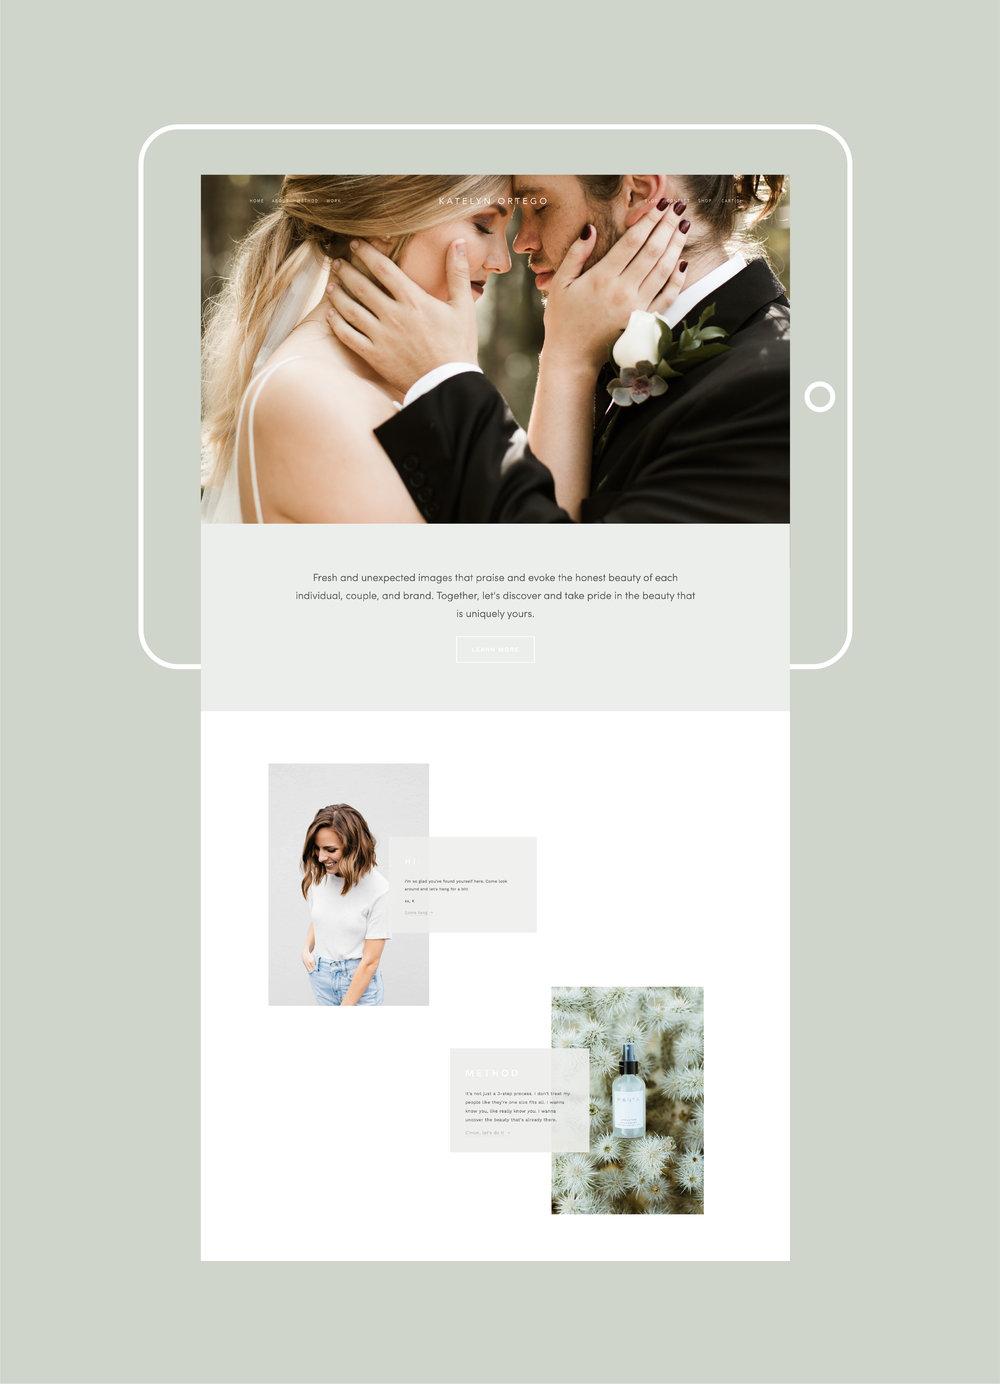 CANOPY_Katelyn Ortego_Website Design-05.jpg